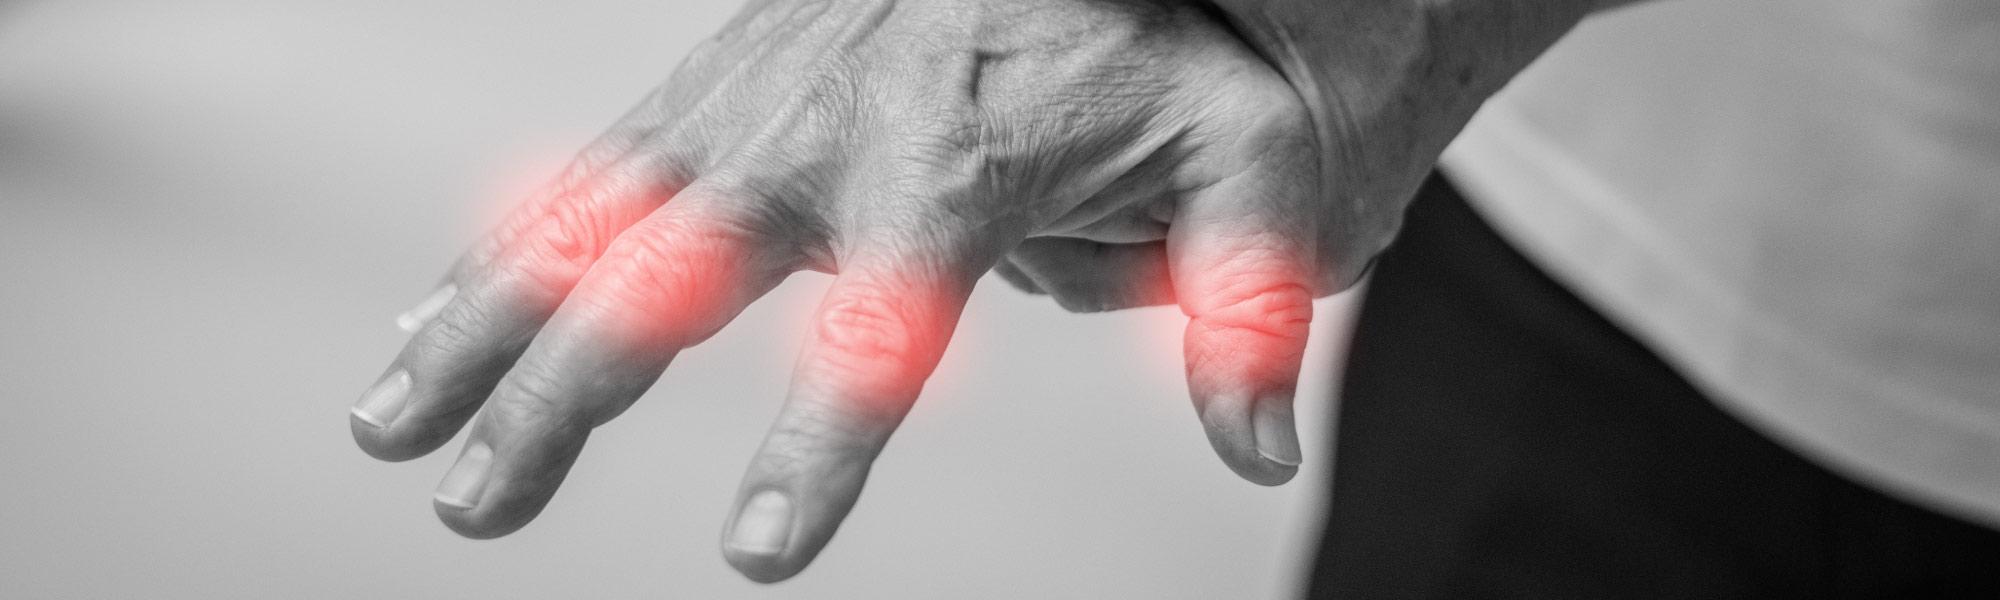 Artrosi alla mano: <br/>cause, sintomi, trattamenti